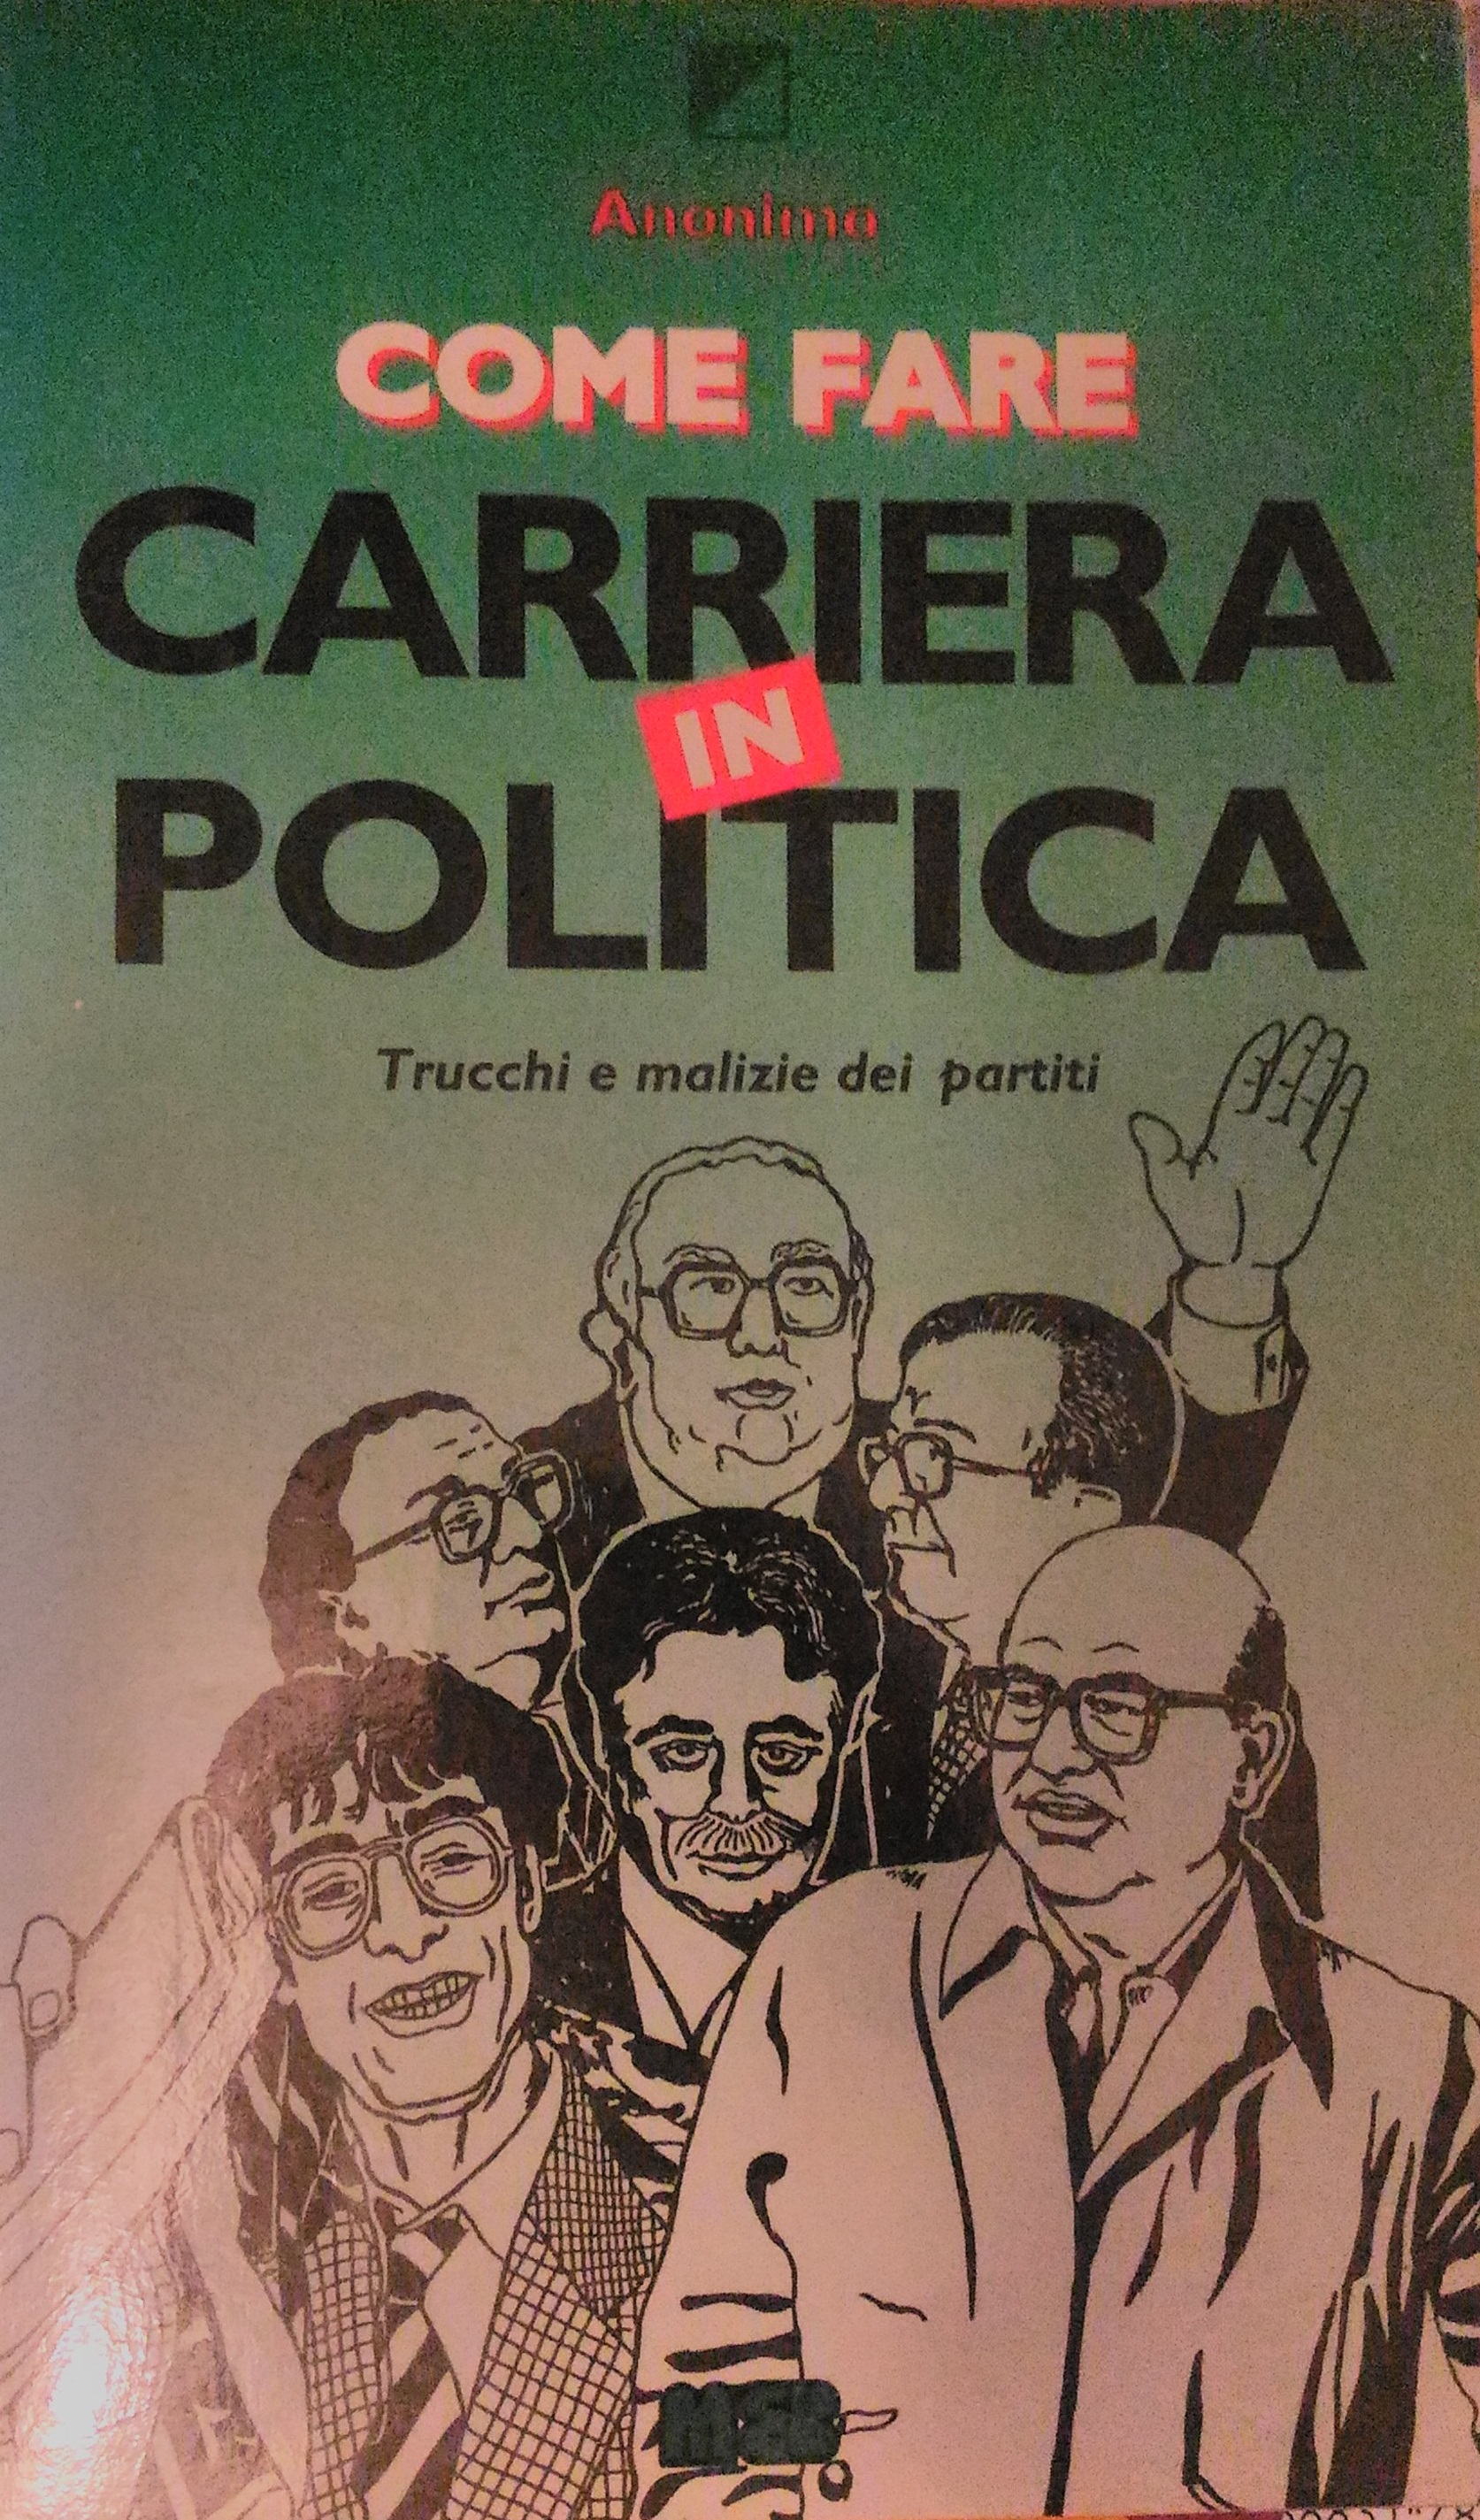 Come fare carriera in politica